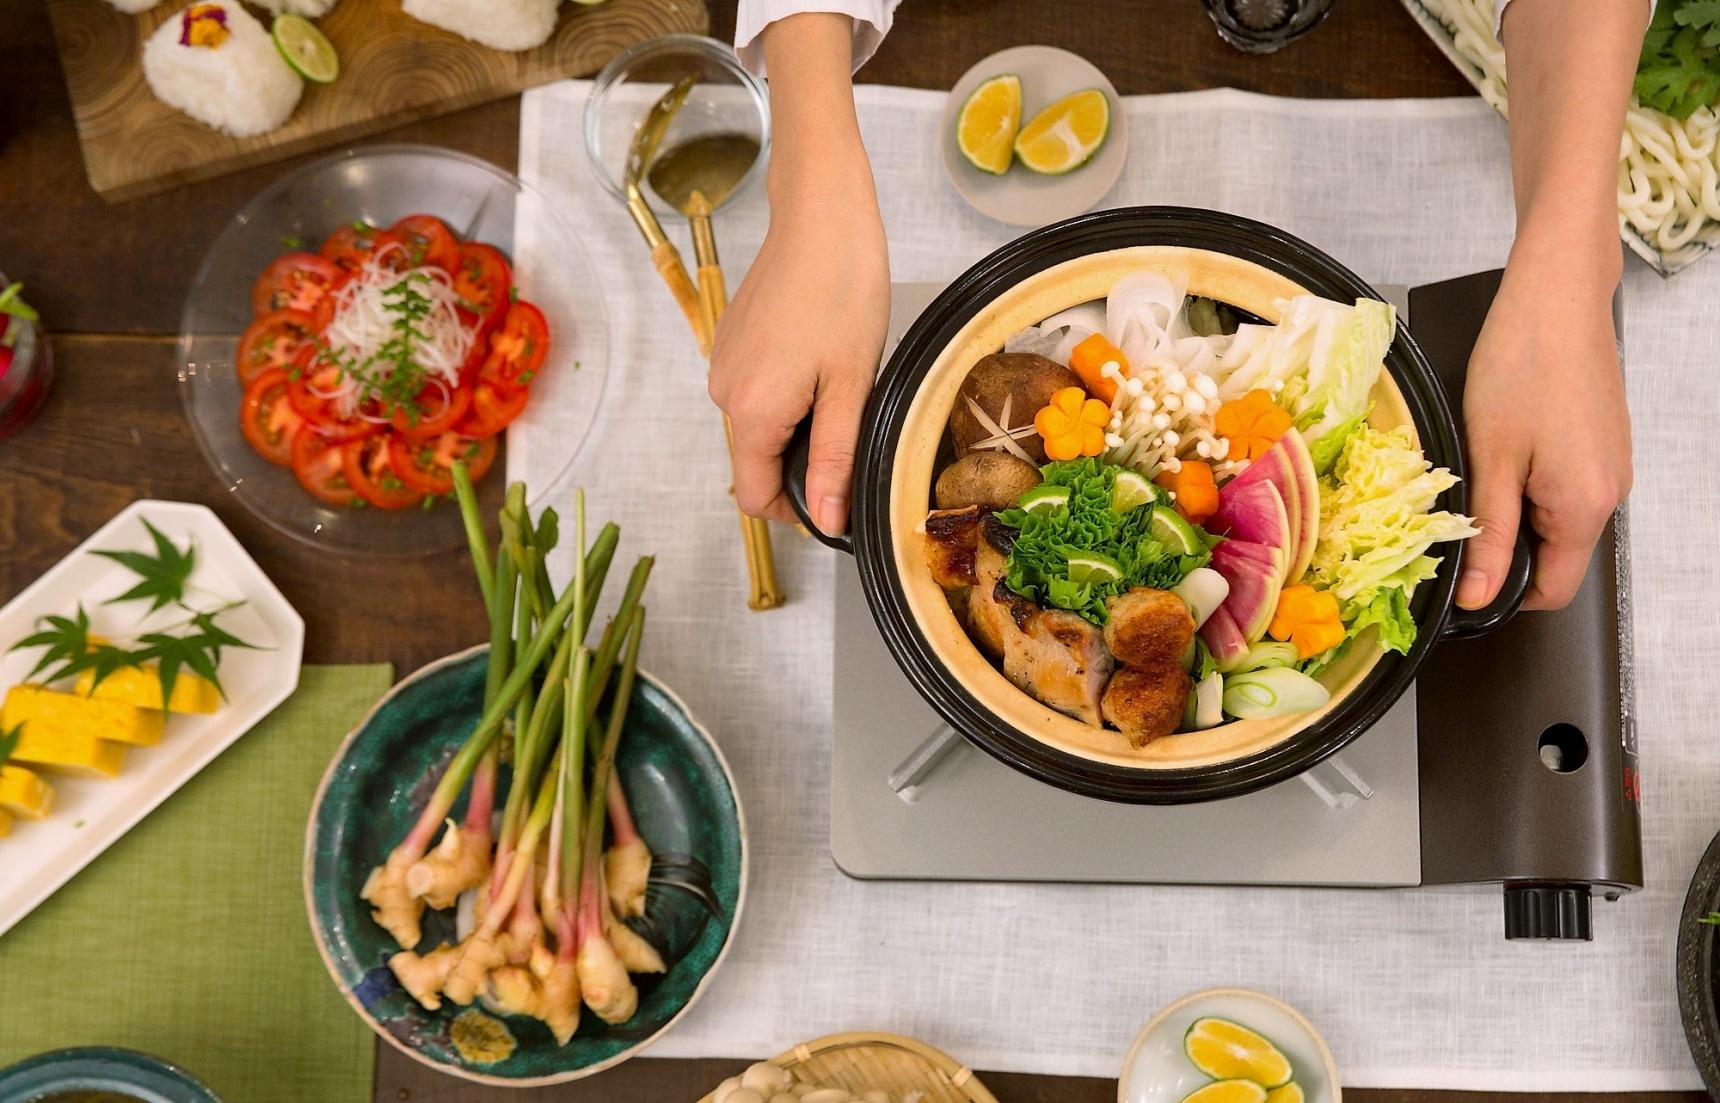 【台日調查】湯頭配料大不同!剖析日式火鍋的箇中奧妙